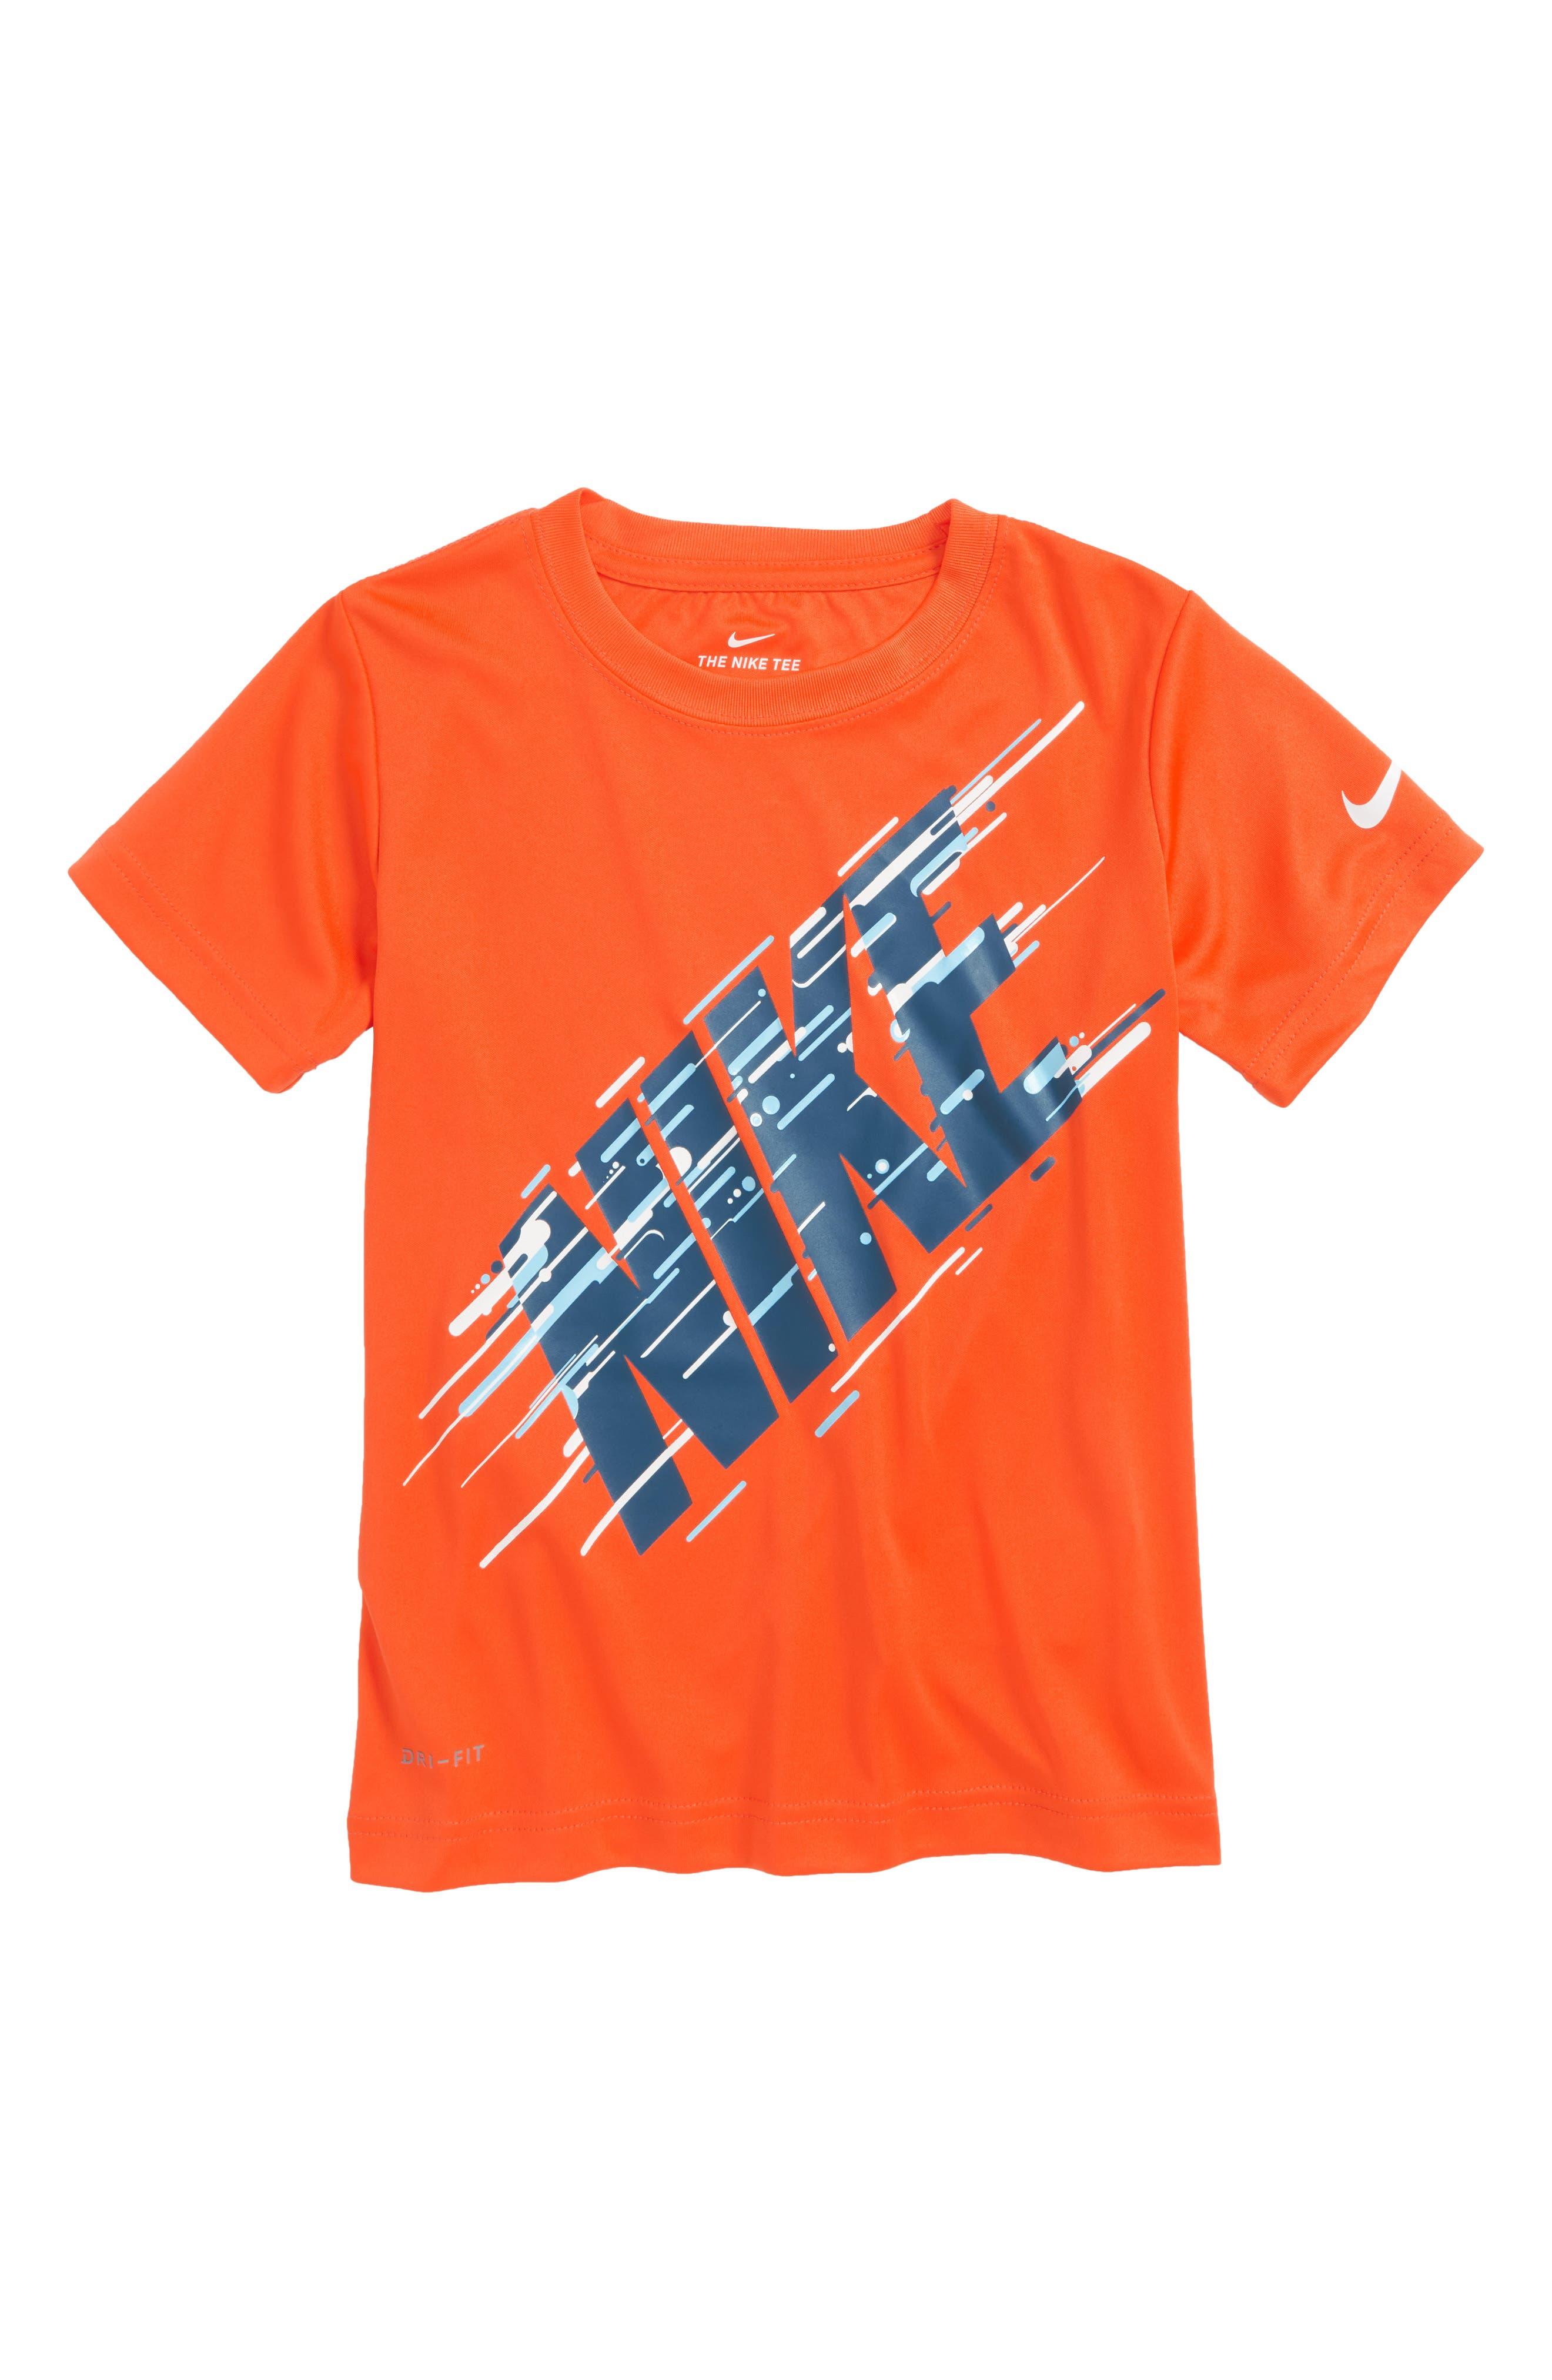 Nike Motion Logo Graphic T-Shirt (Toddler Boys & Little Boys)